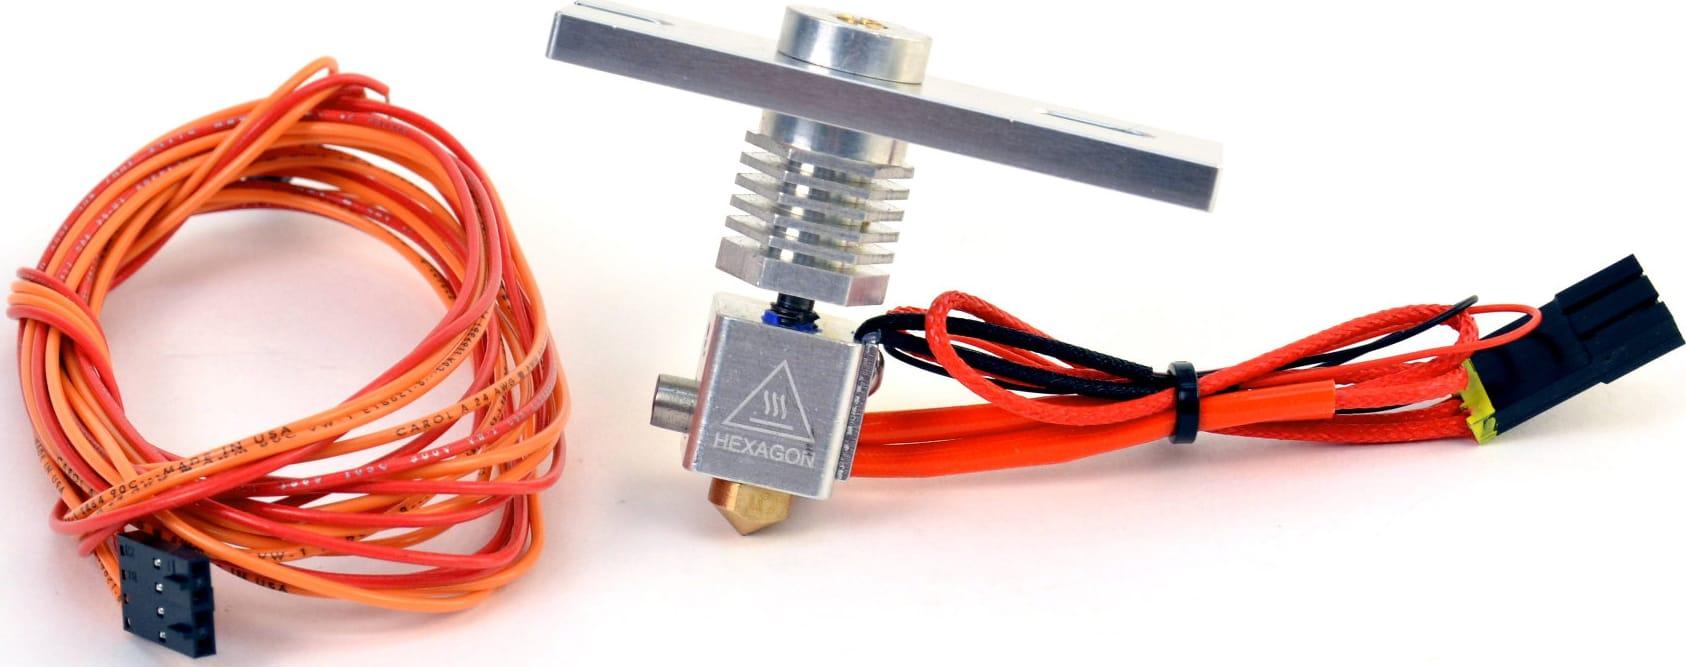 Lulzbot HE-SH0039 LulzBot v2 (Hexagon) Hot End Kit 3.0mm, 0.6mm Nozzle